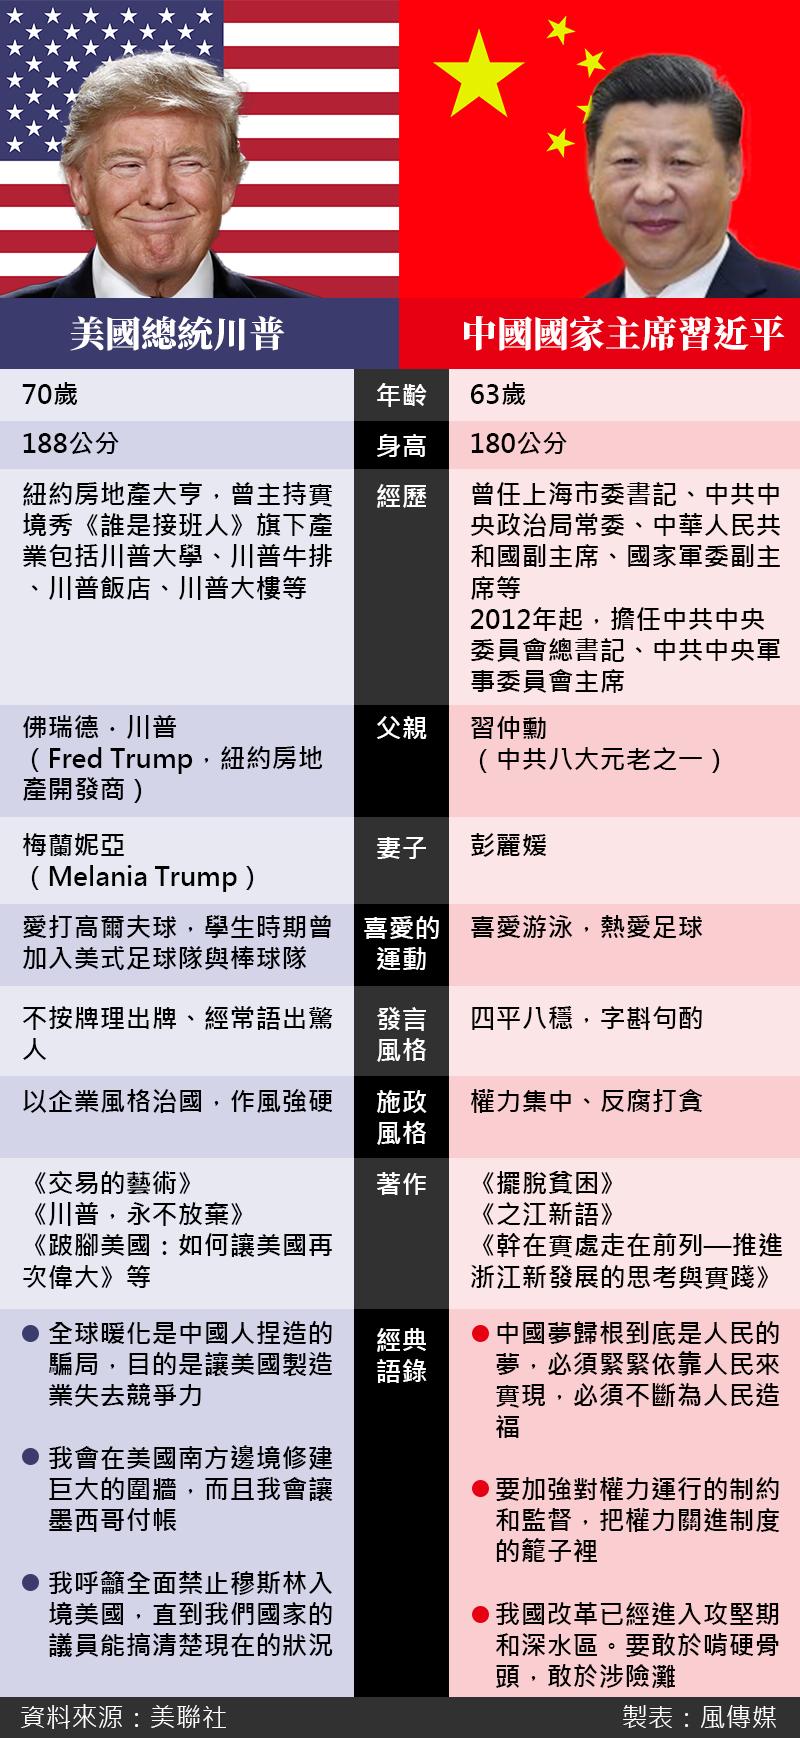 美國總統川普與中國國家主席習近平比一比(照片:美聯社/製圖:風傳媒)